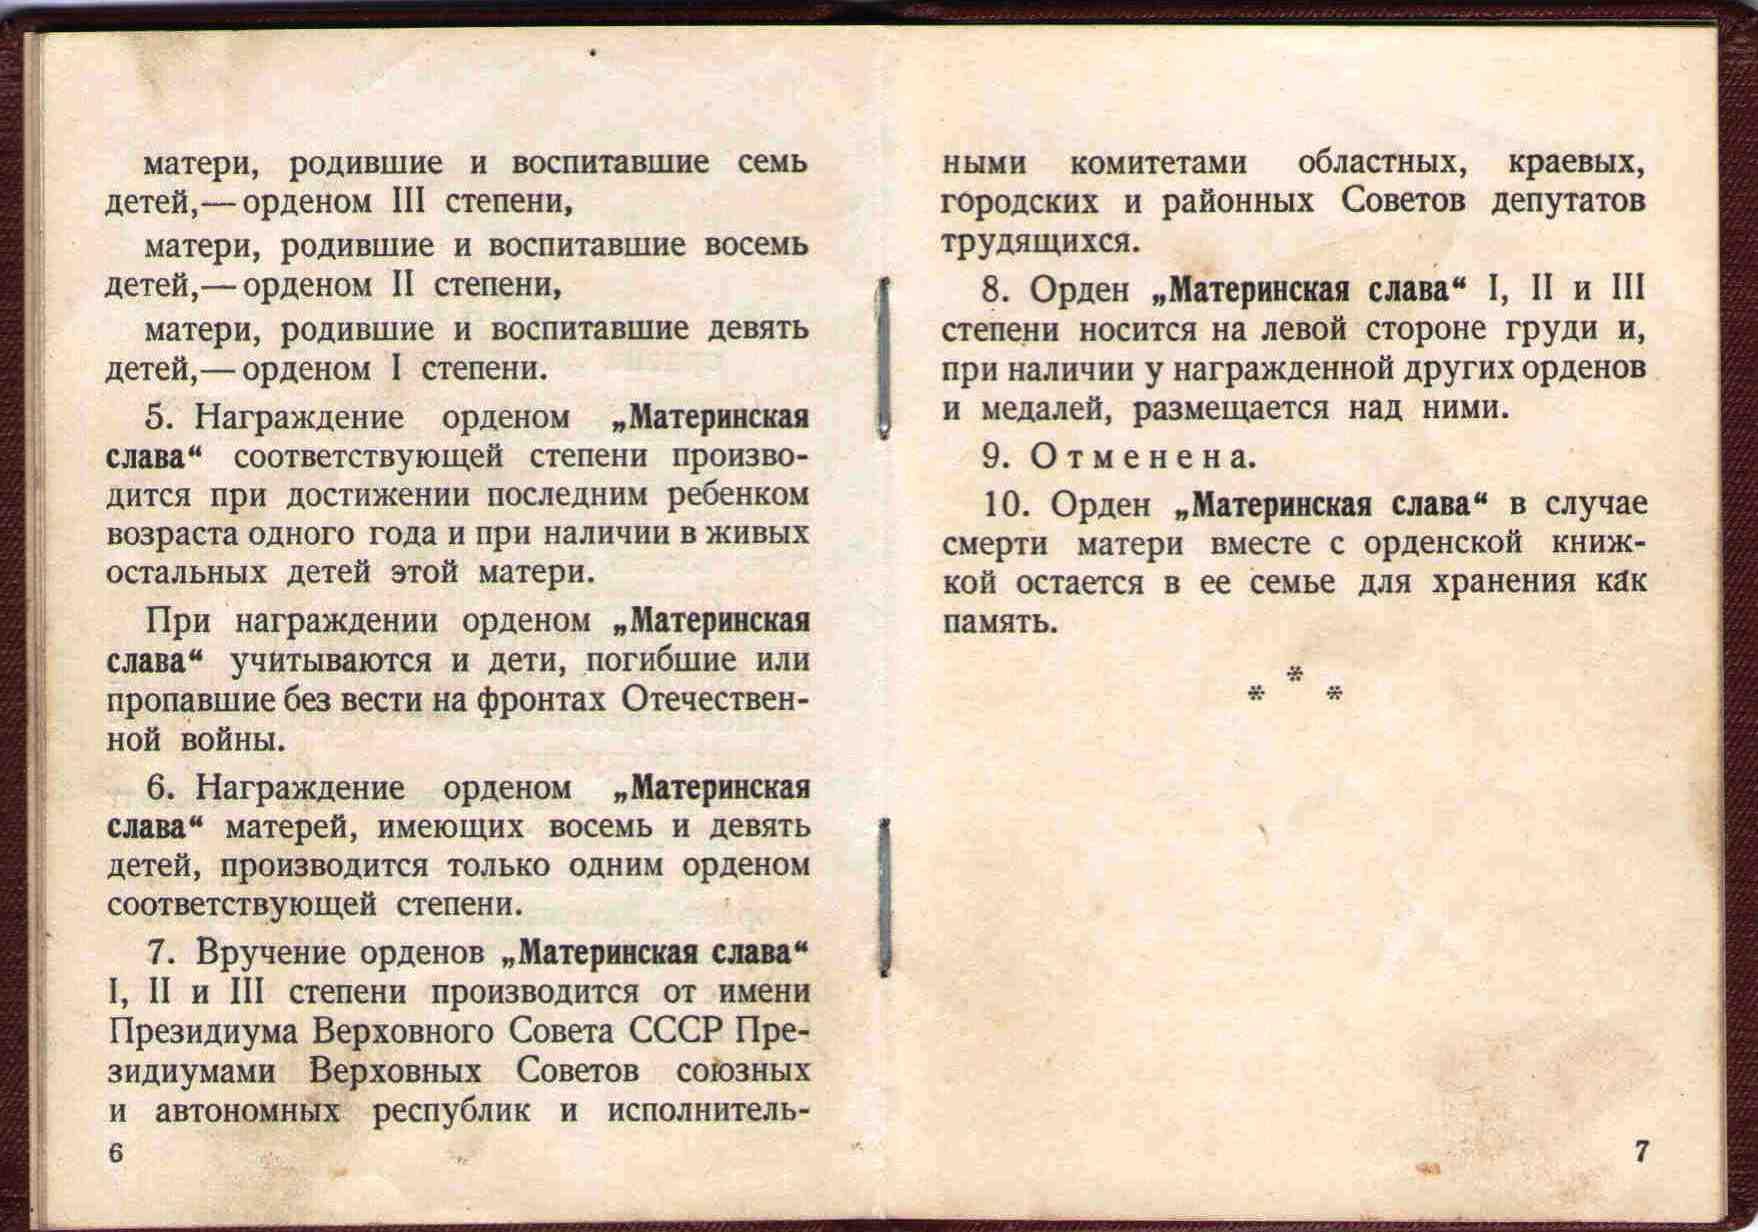 26. Орденская книжка 2 степени, 1963